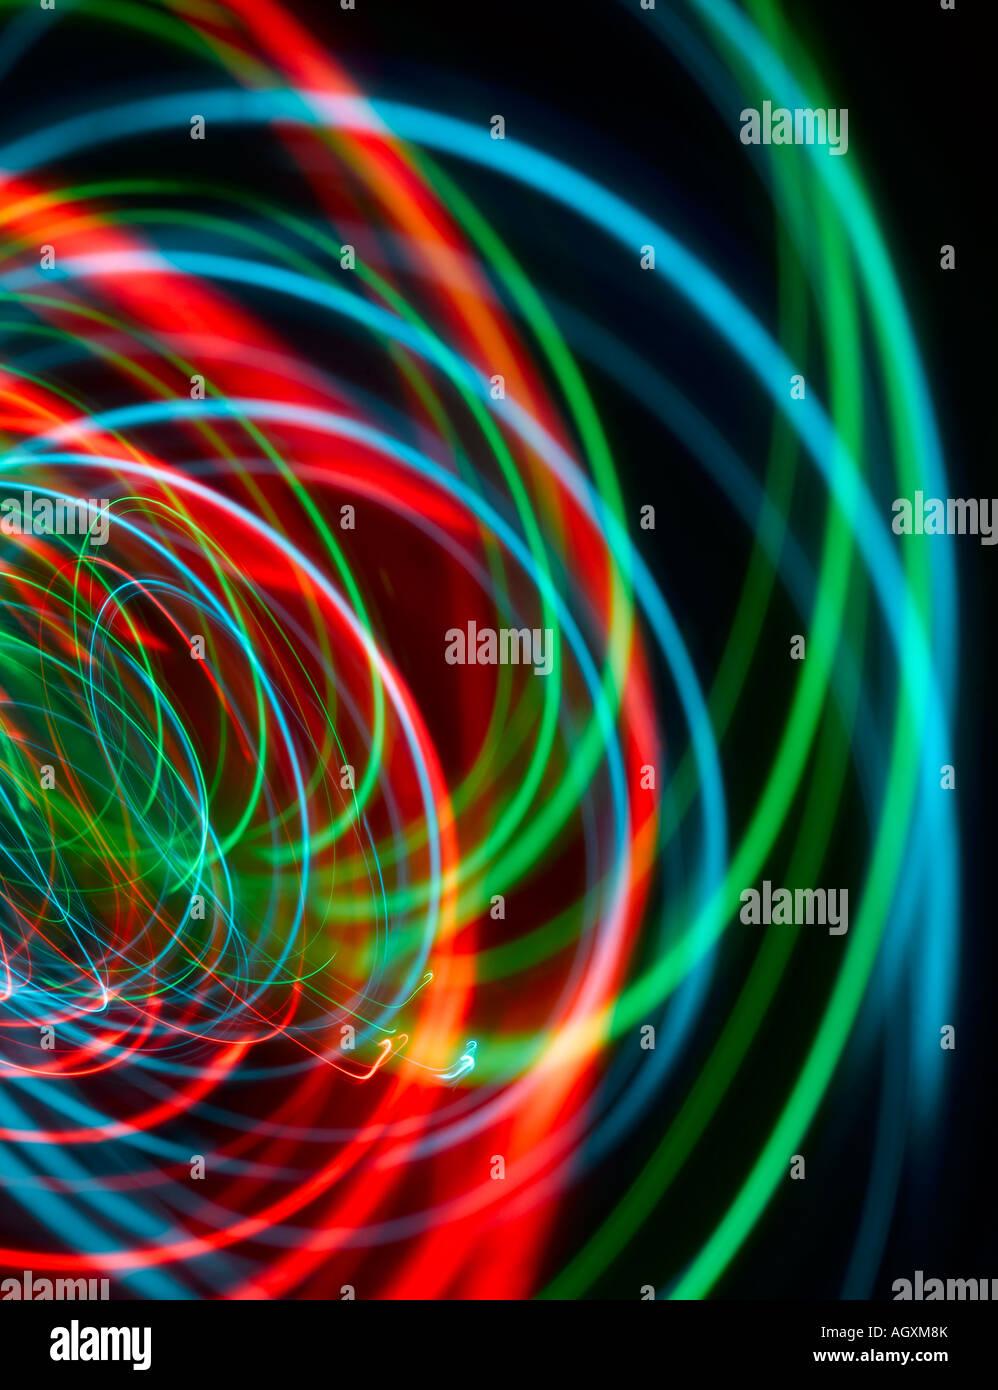 Rojo, verde y azul, el sonido o las ondas de luz Imagen De Stock